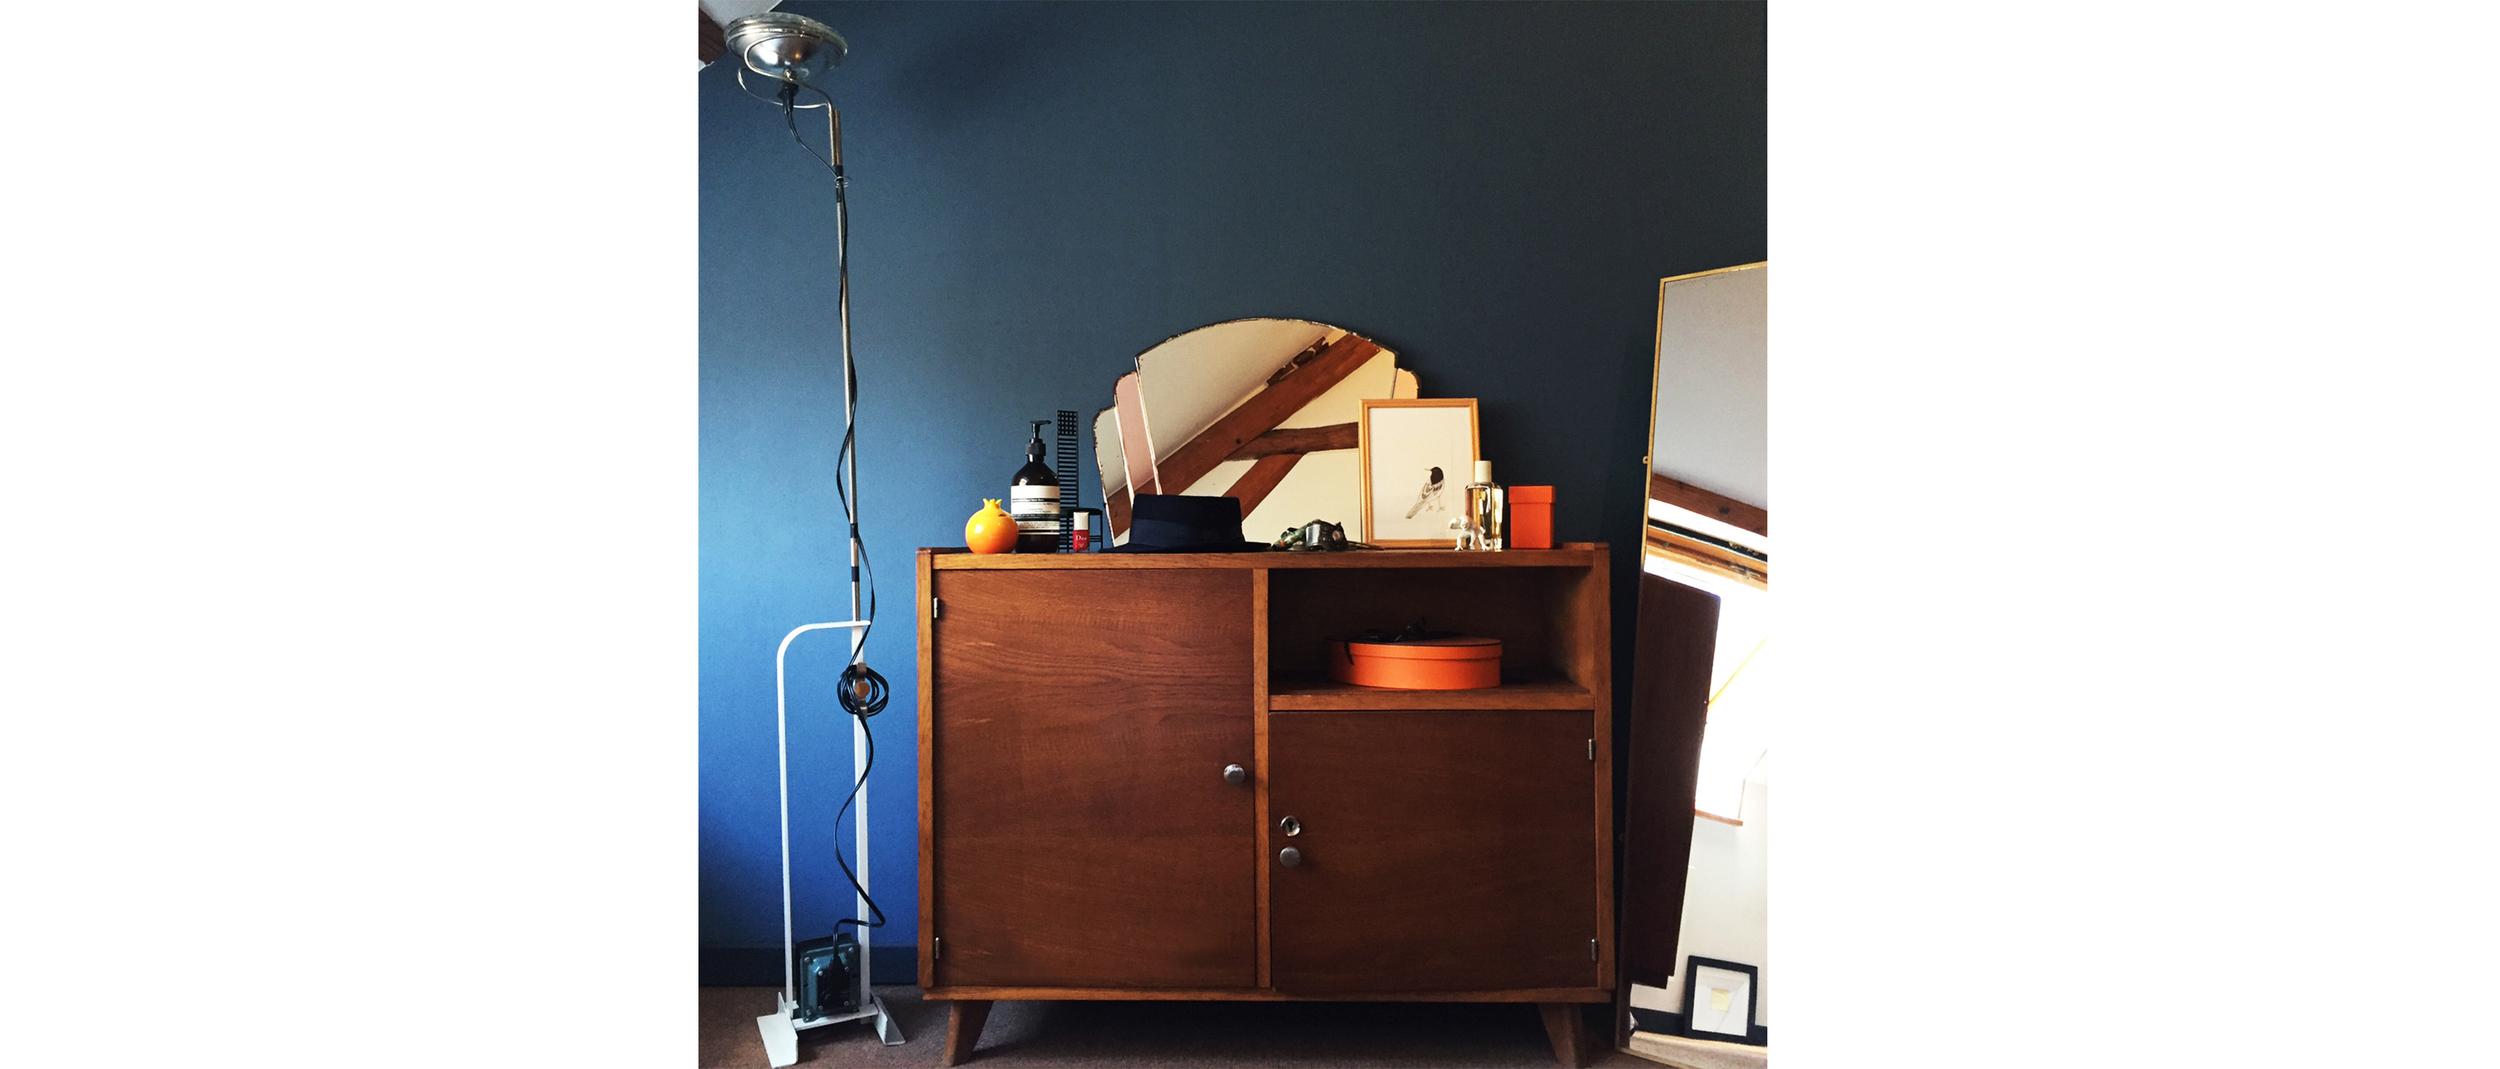 ClarisseDubus-Bedroom-3000x1500.jpg